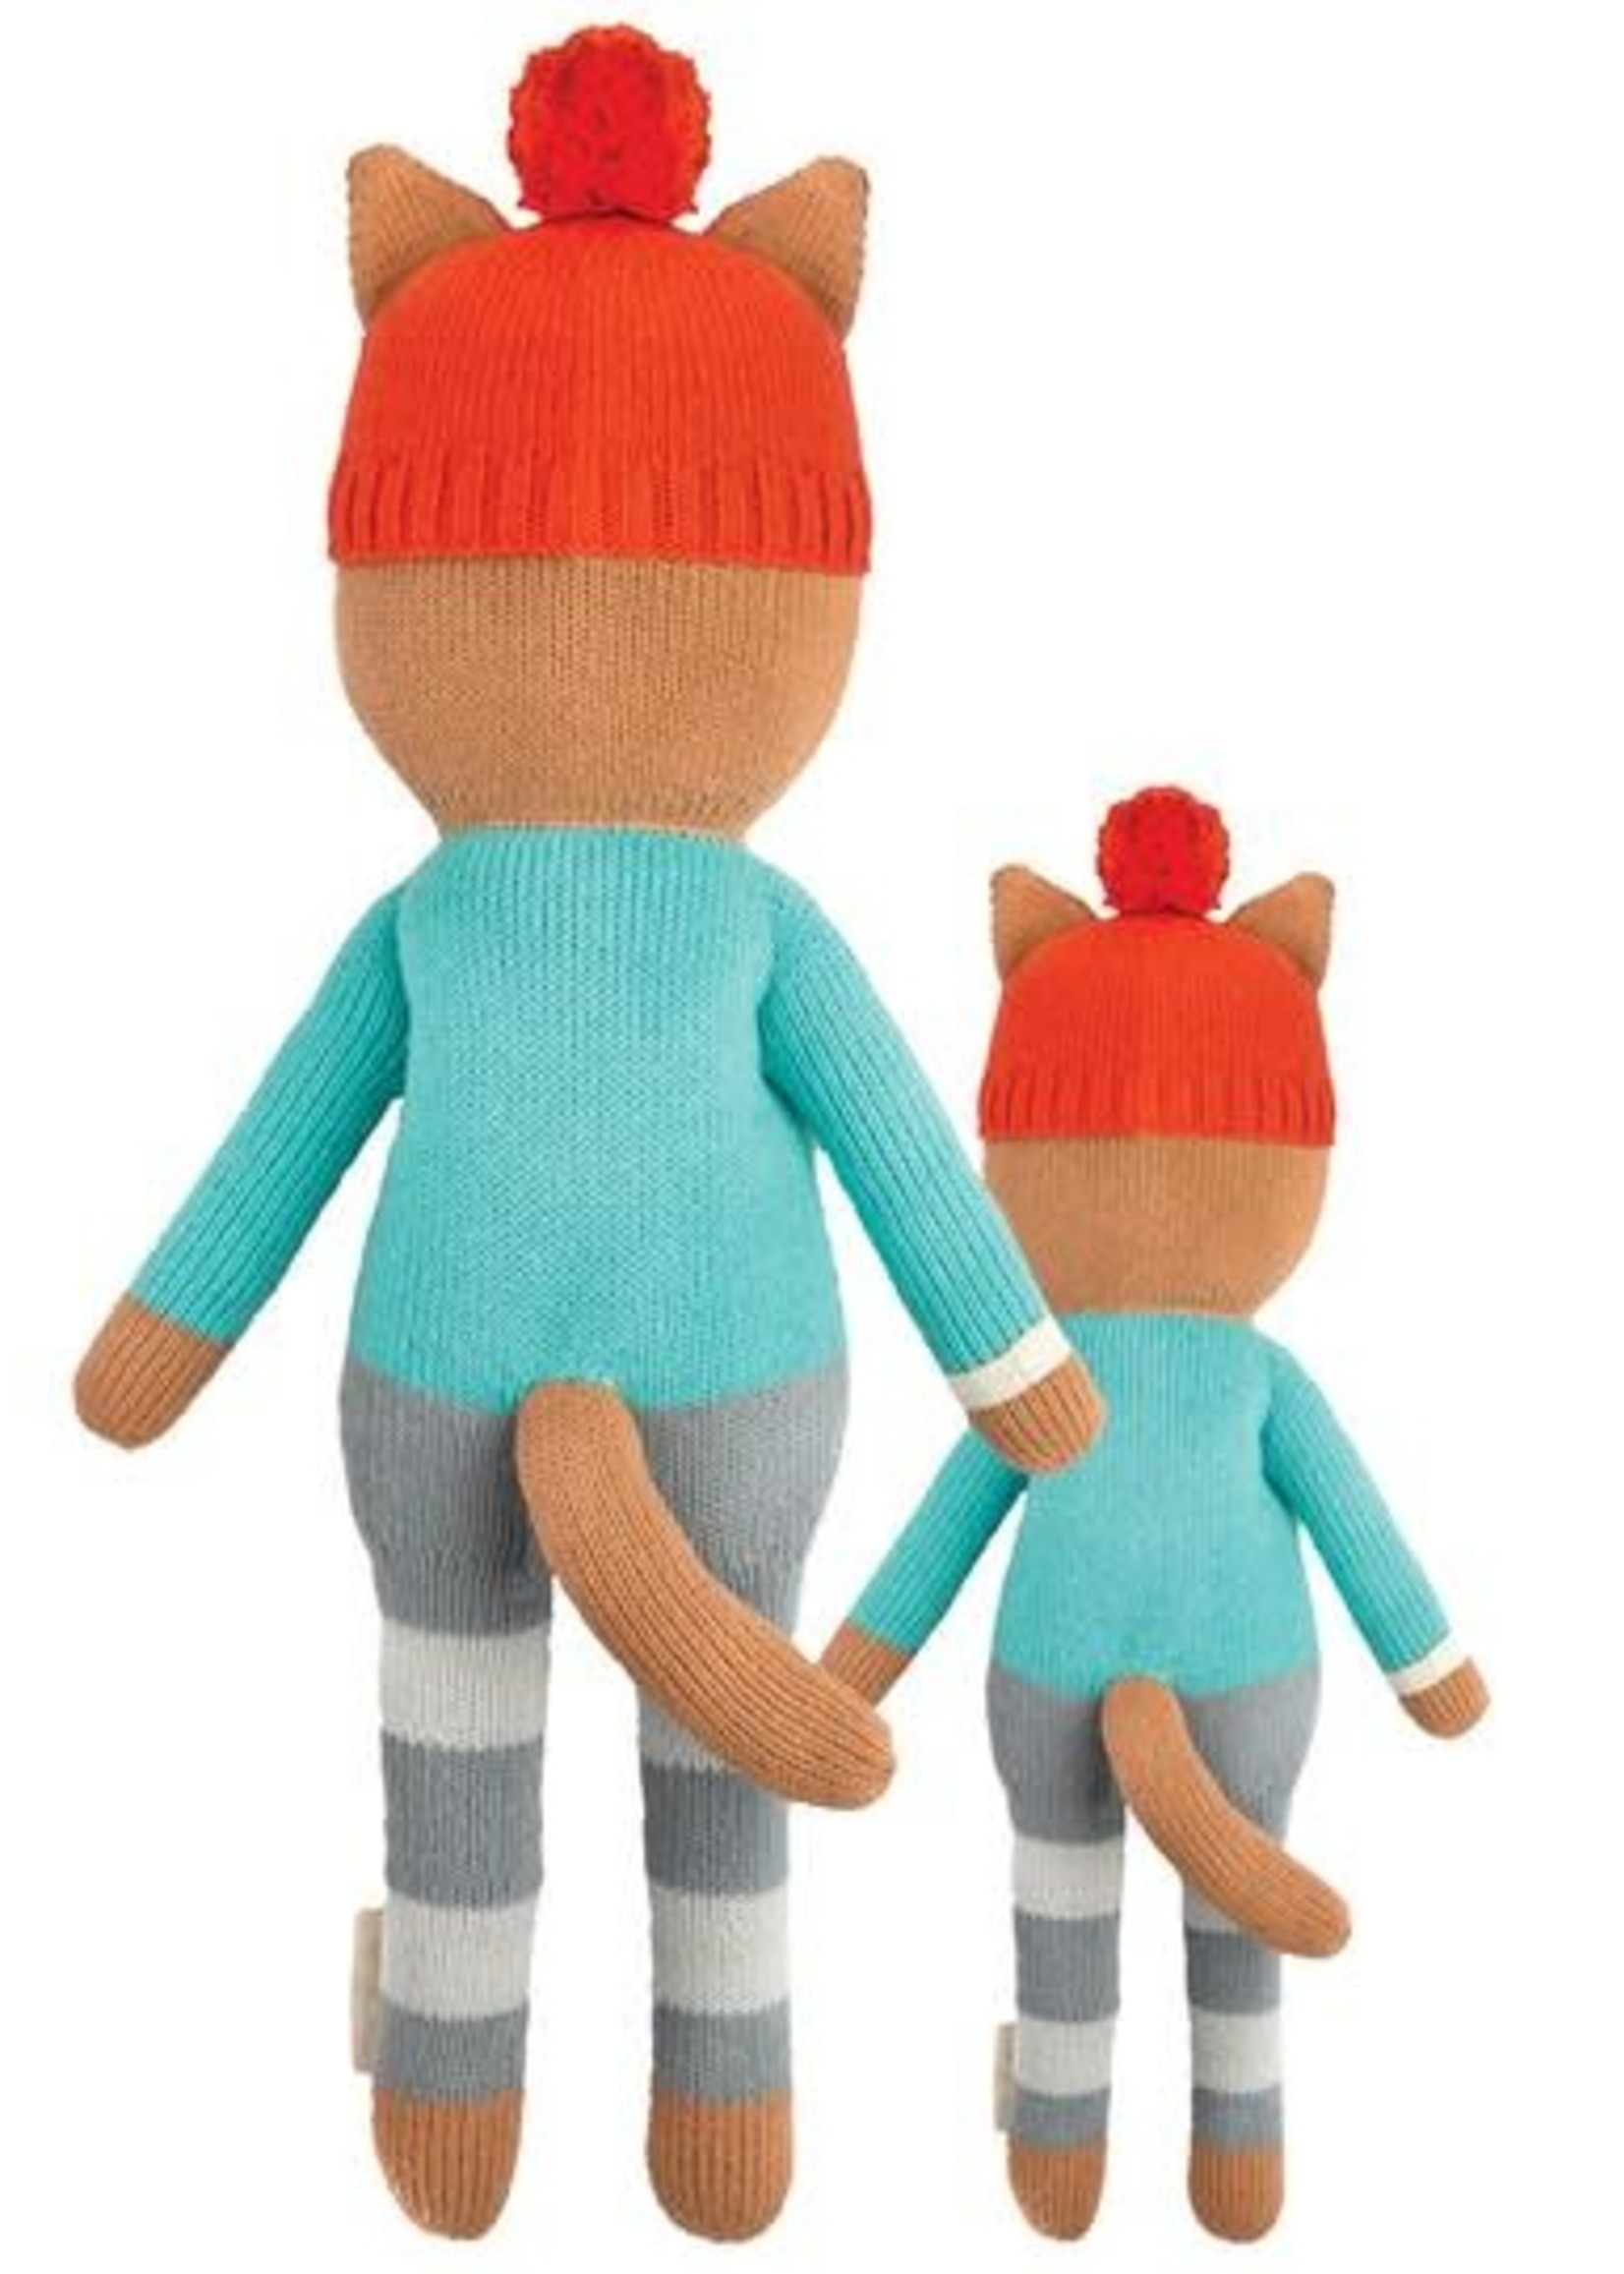 cuddle + kind Mini knit doll Maximus